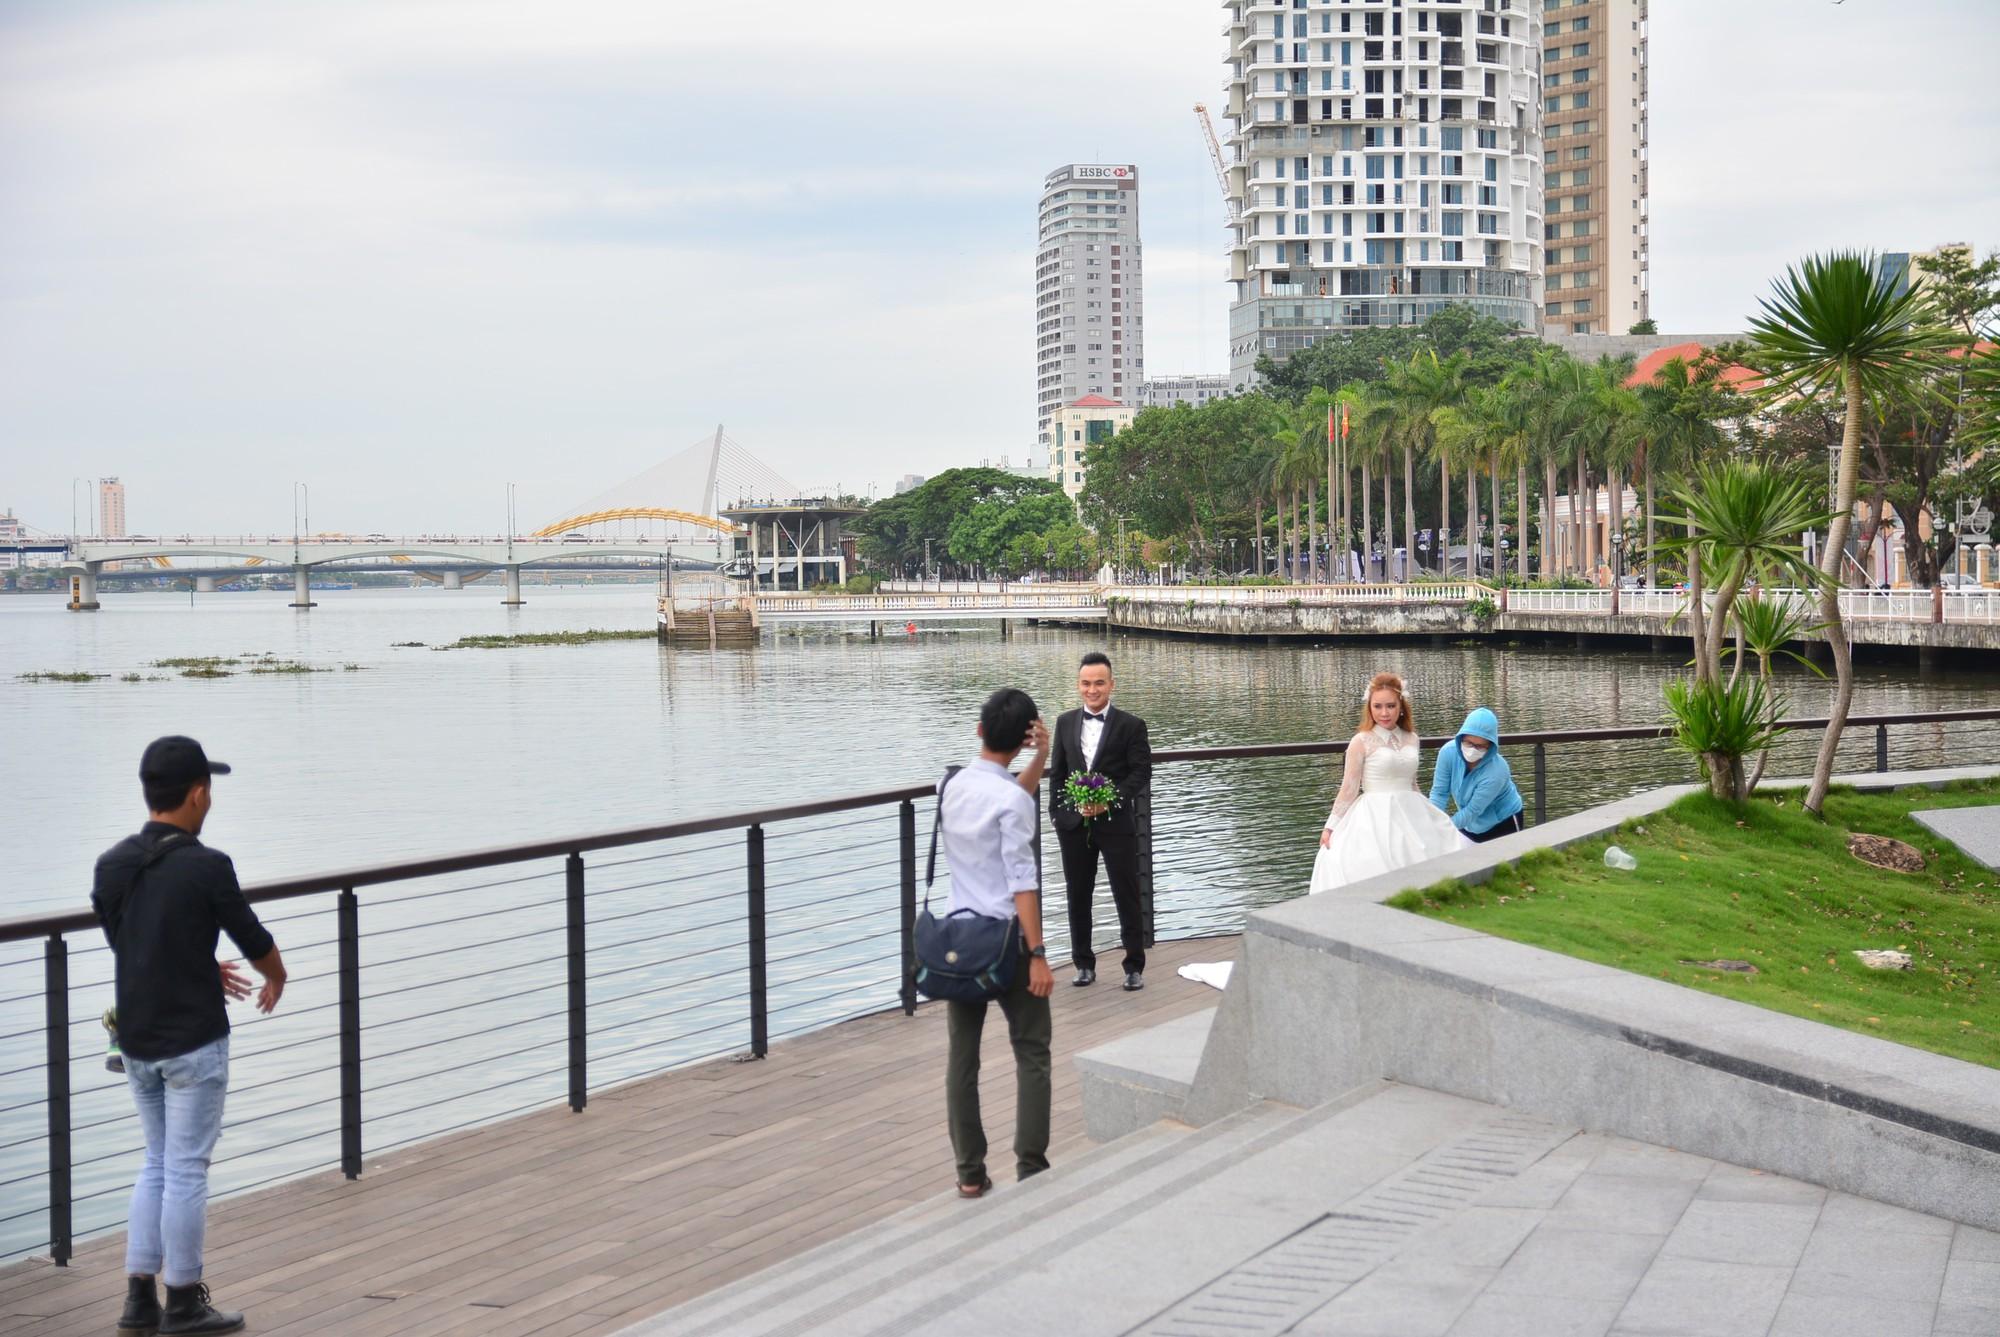 Vụ tạm dừng dự án Marina Complex ở Đà Nẵng: Cận cảnh những công trình, dự án dọc hai bờ sông Hàn hiện nay - Ảnh 16.